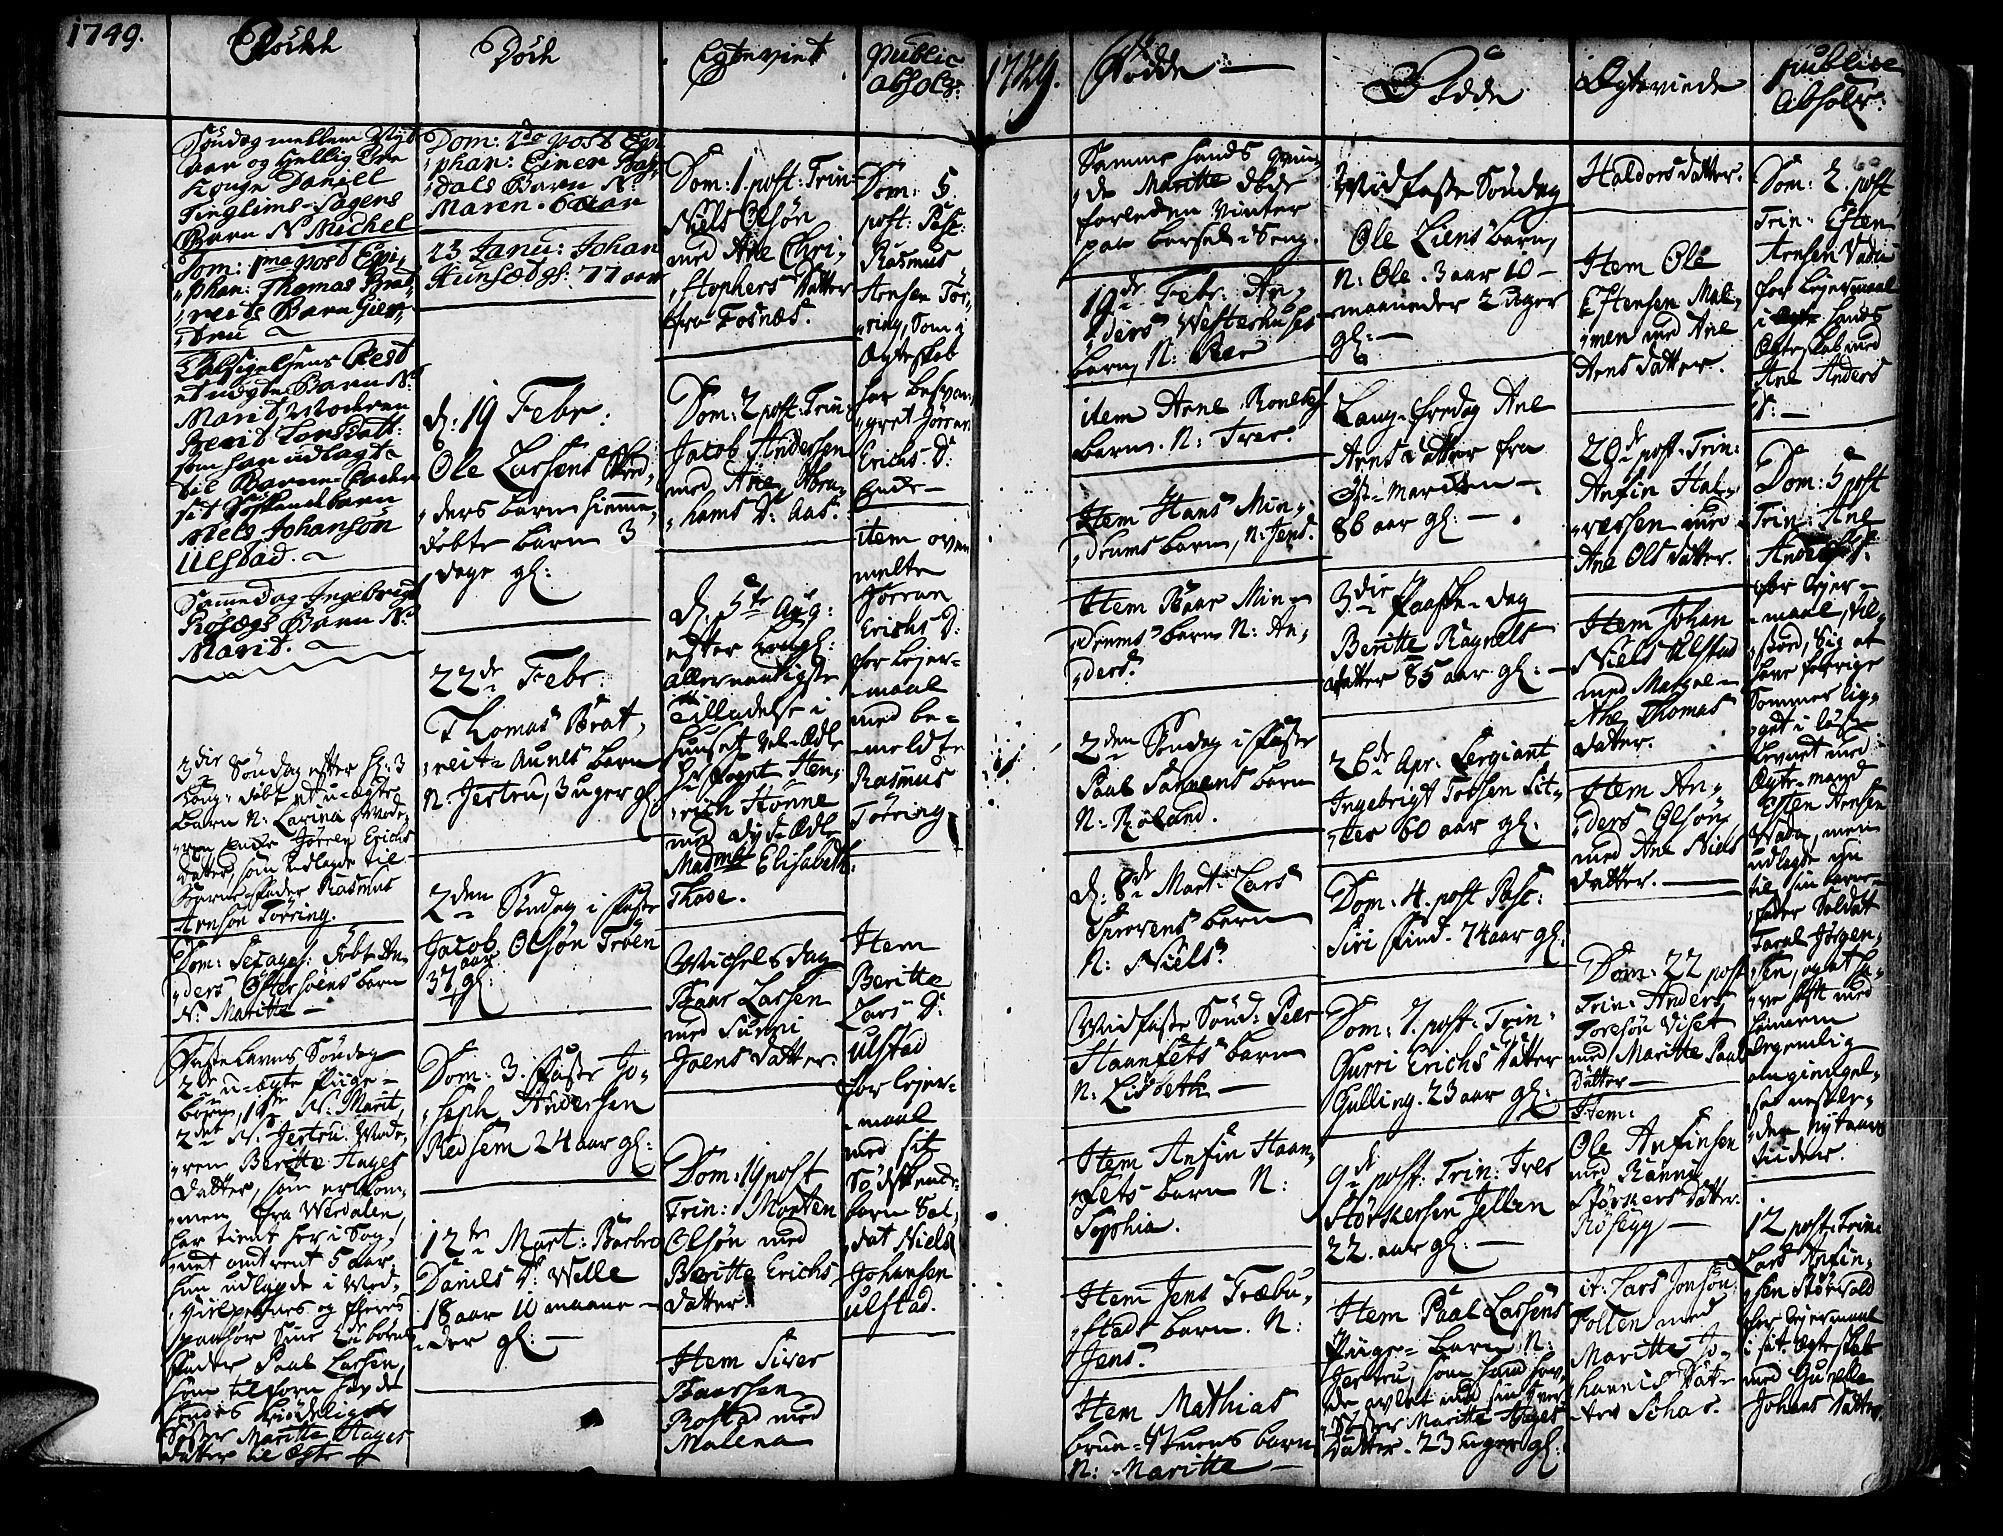 SAT, Ministerialprotokoller, klokkerbøker og fødselsregistre - Nord-Trøndelag, 741/L0385: Ministerialbok nr. 741A01, 1722-1815, s. 60